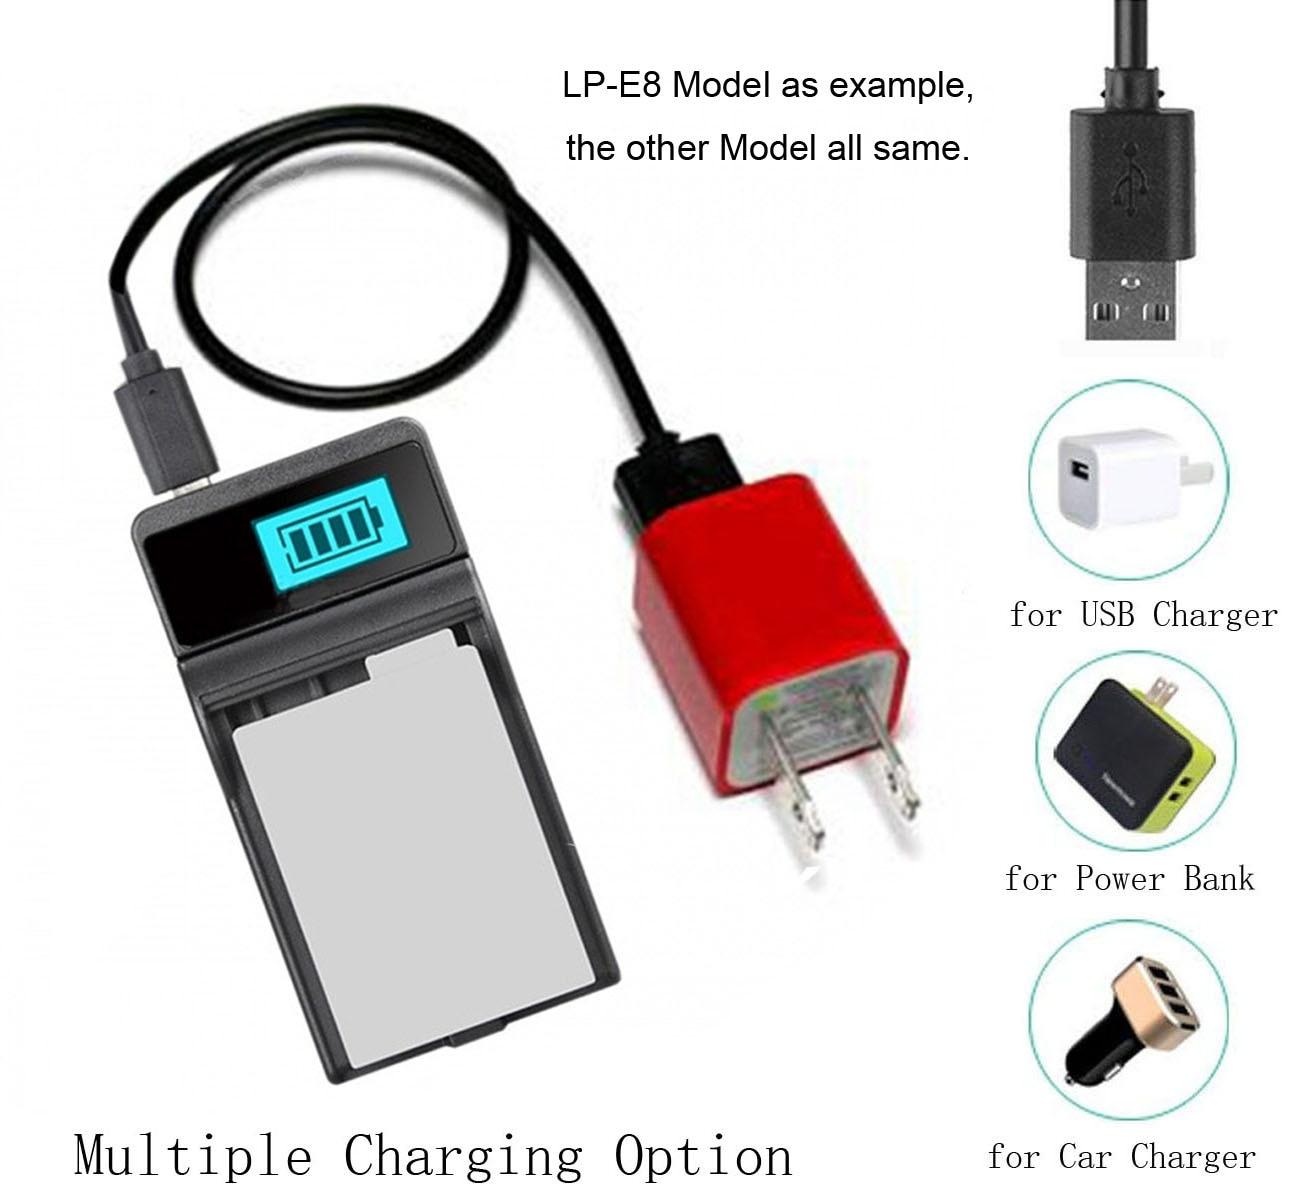 GR-D793 GR-D771E 2 Pack Battery and USB Battery Charger for JVC GR-D771 GR-D775 GR-D793E Mini DV Digital Camcorder GR-D775E